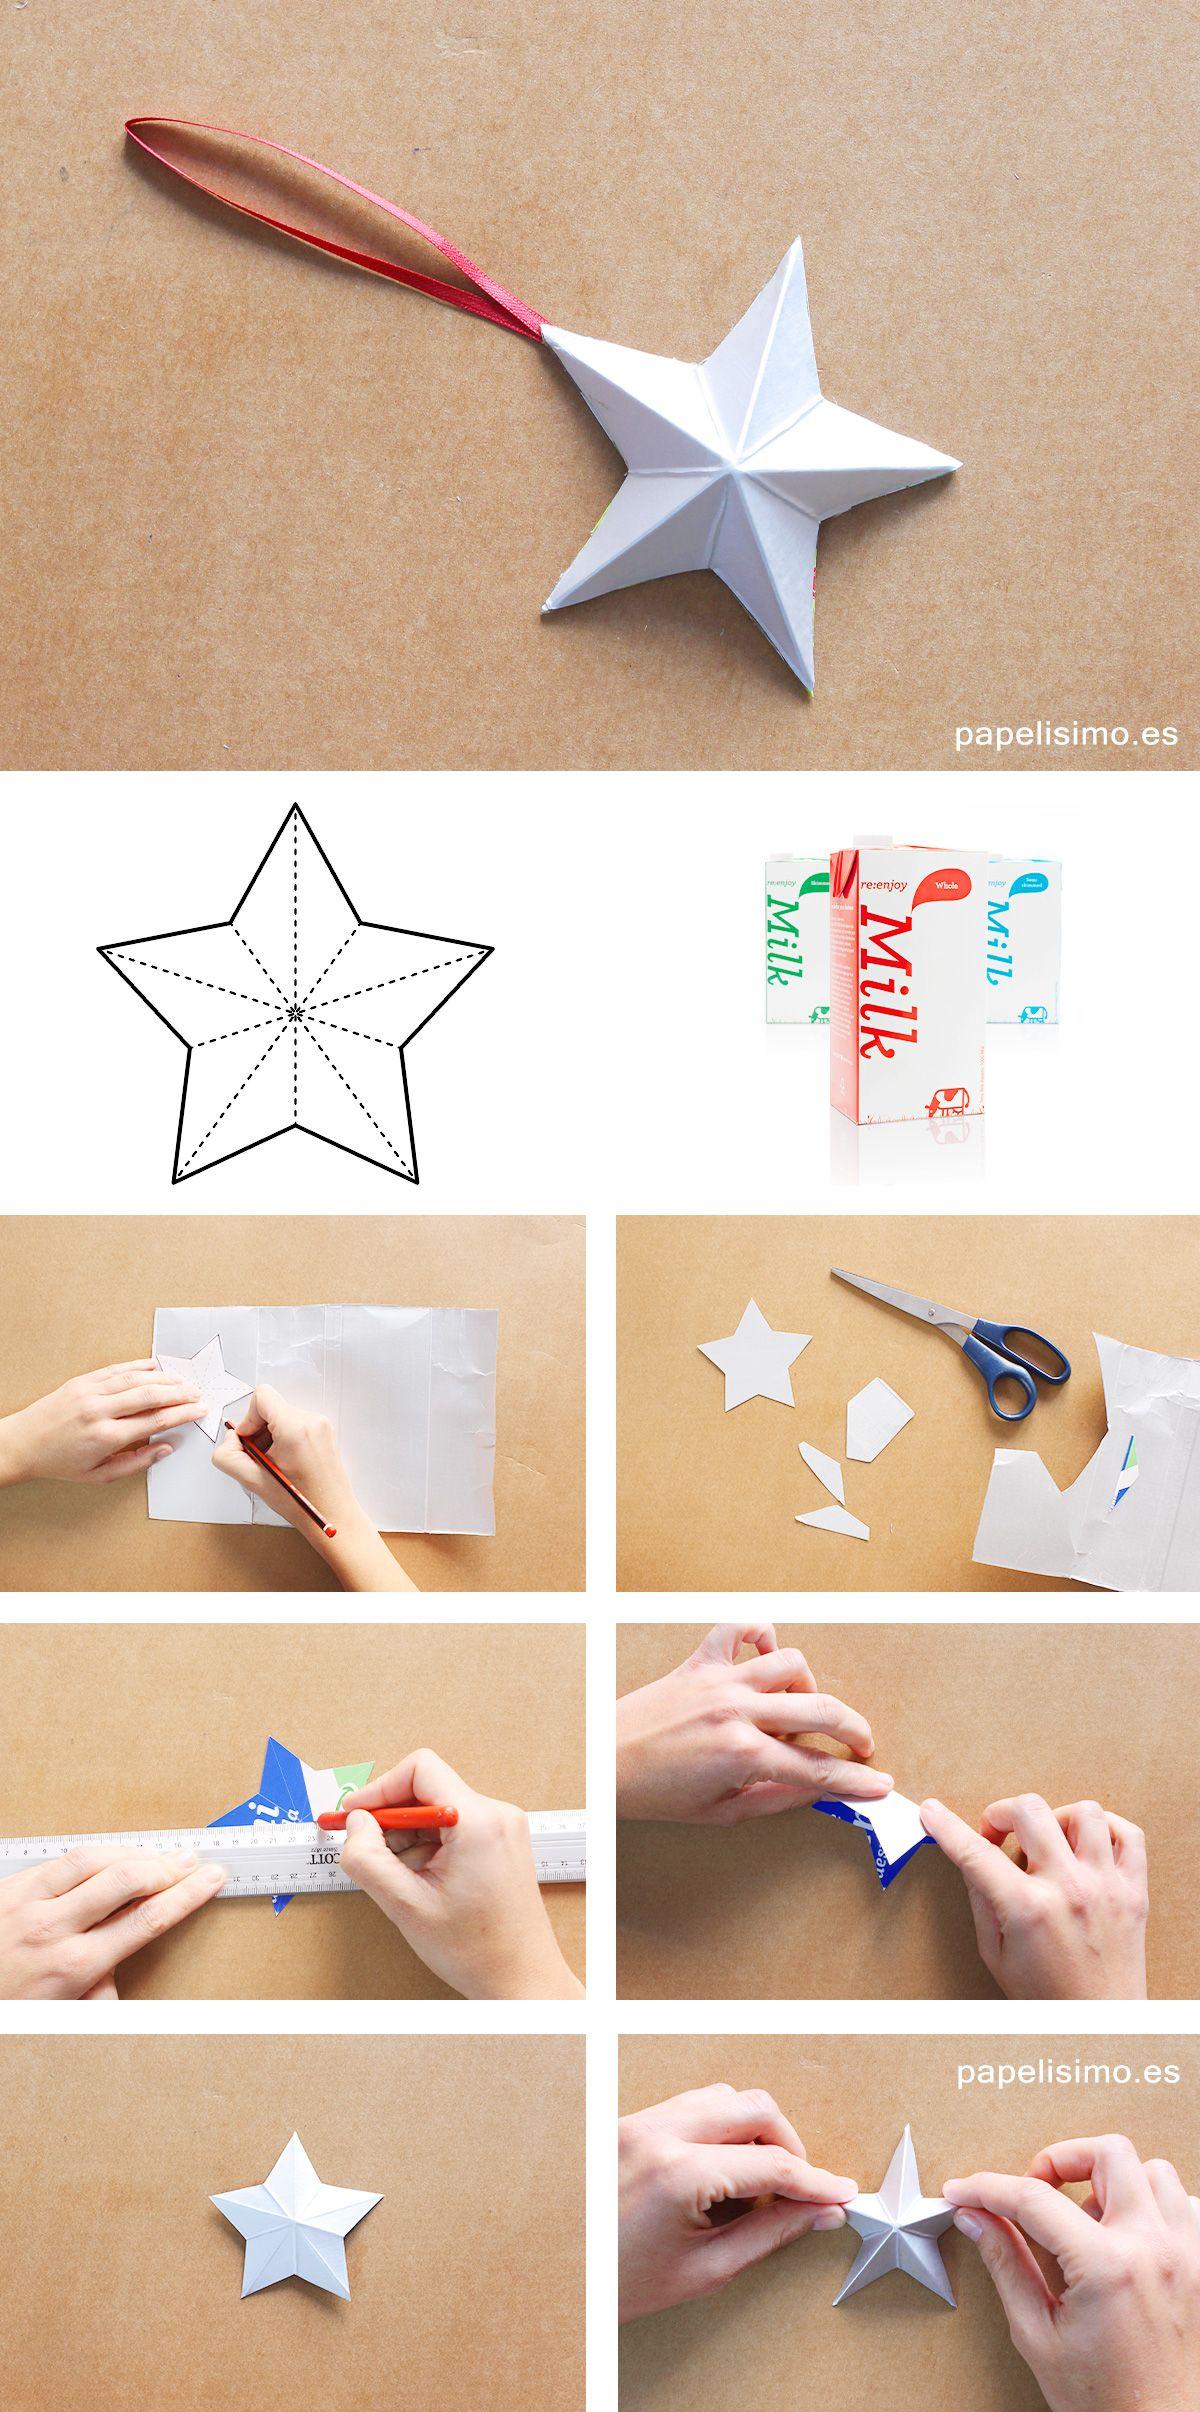 Como hacer adornos navidenos tetra brik christmas - Como realizar adornos navidenos ...